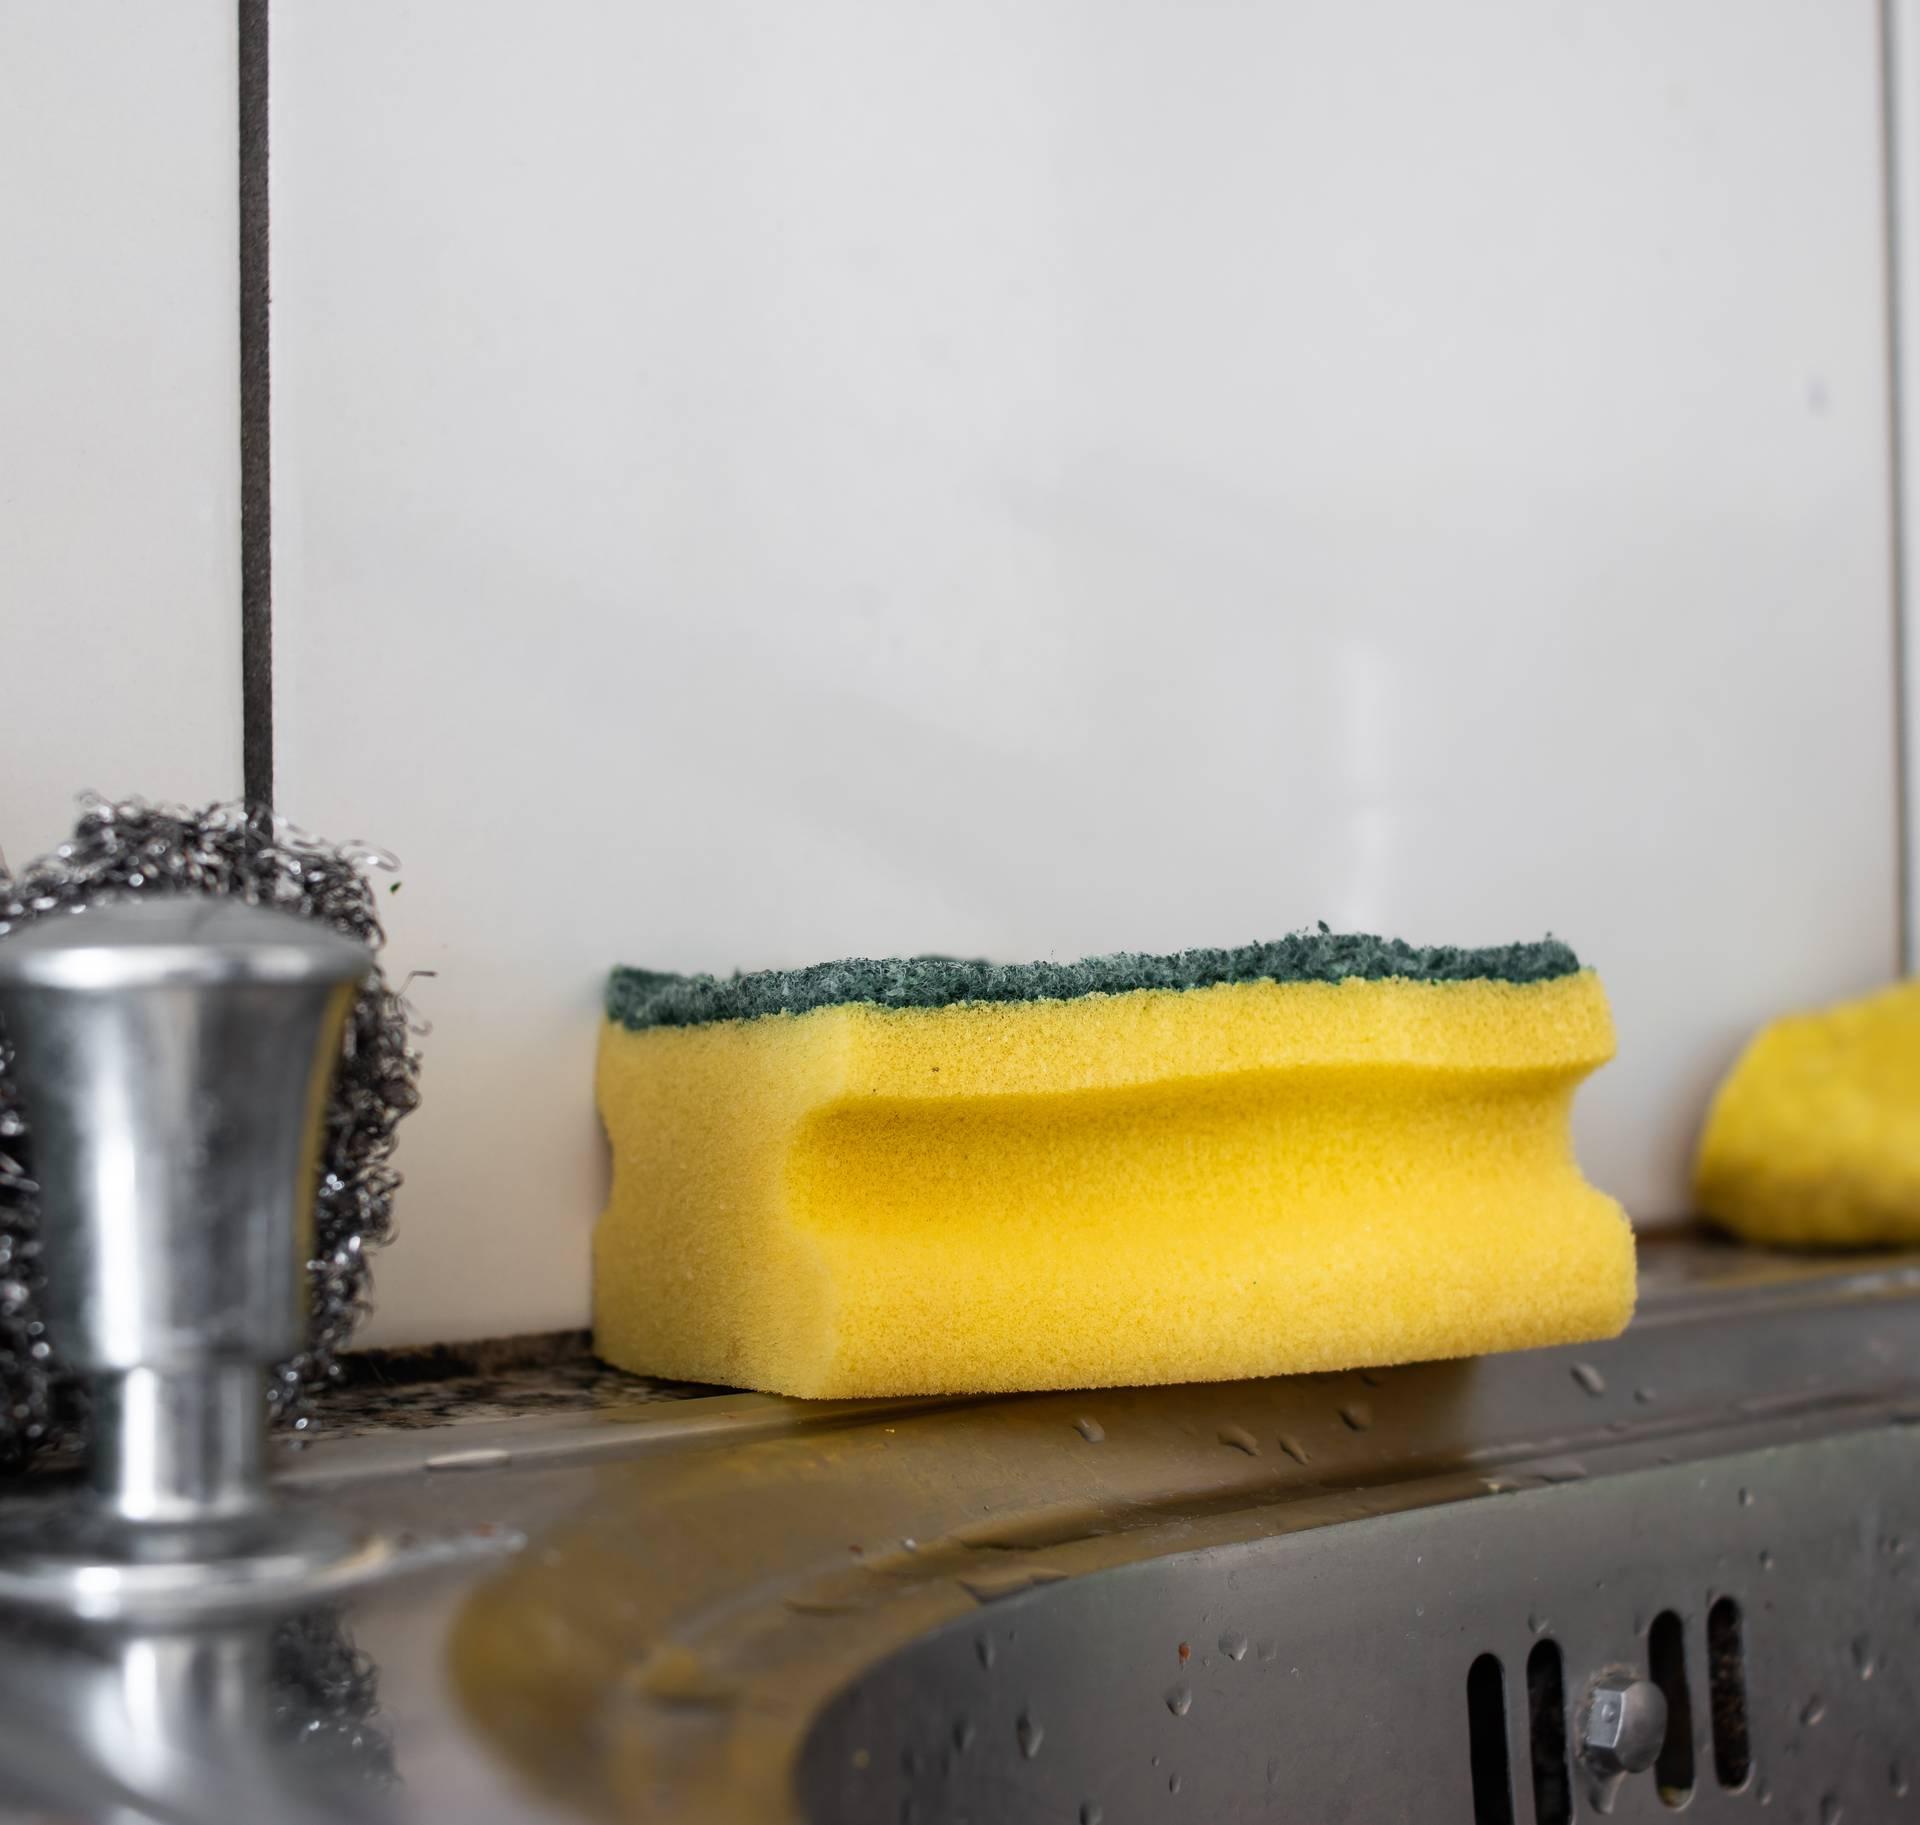 Očistite spužvu od klica i virusa u mikrovalnoj ili perilici posuđa